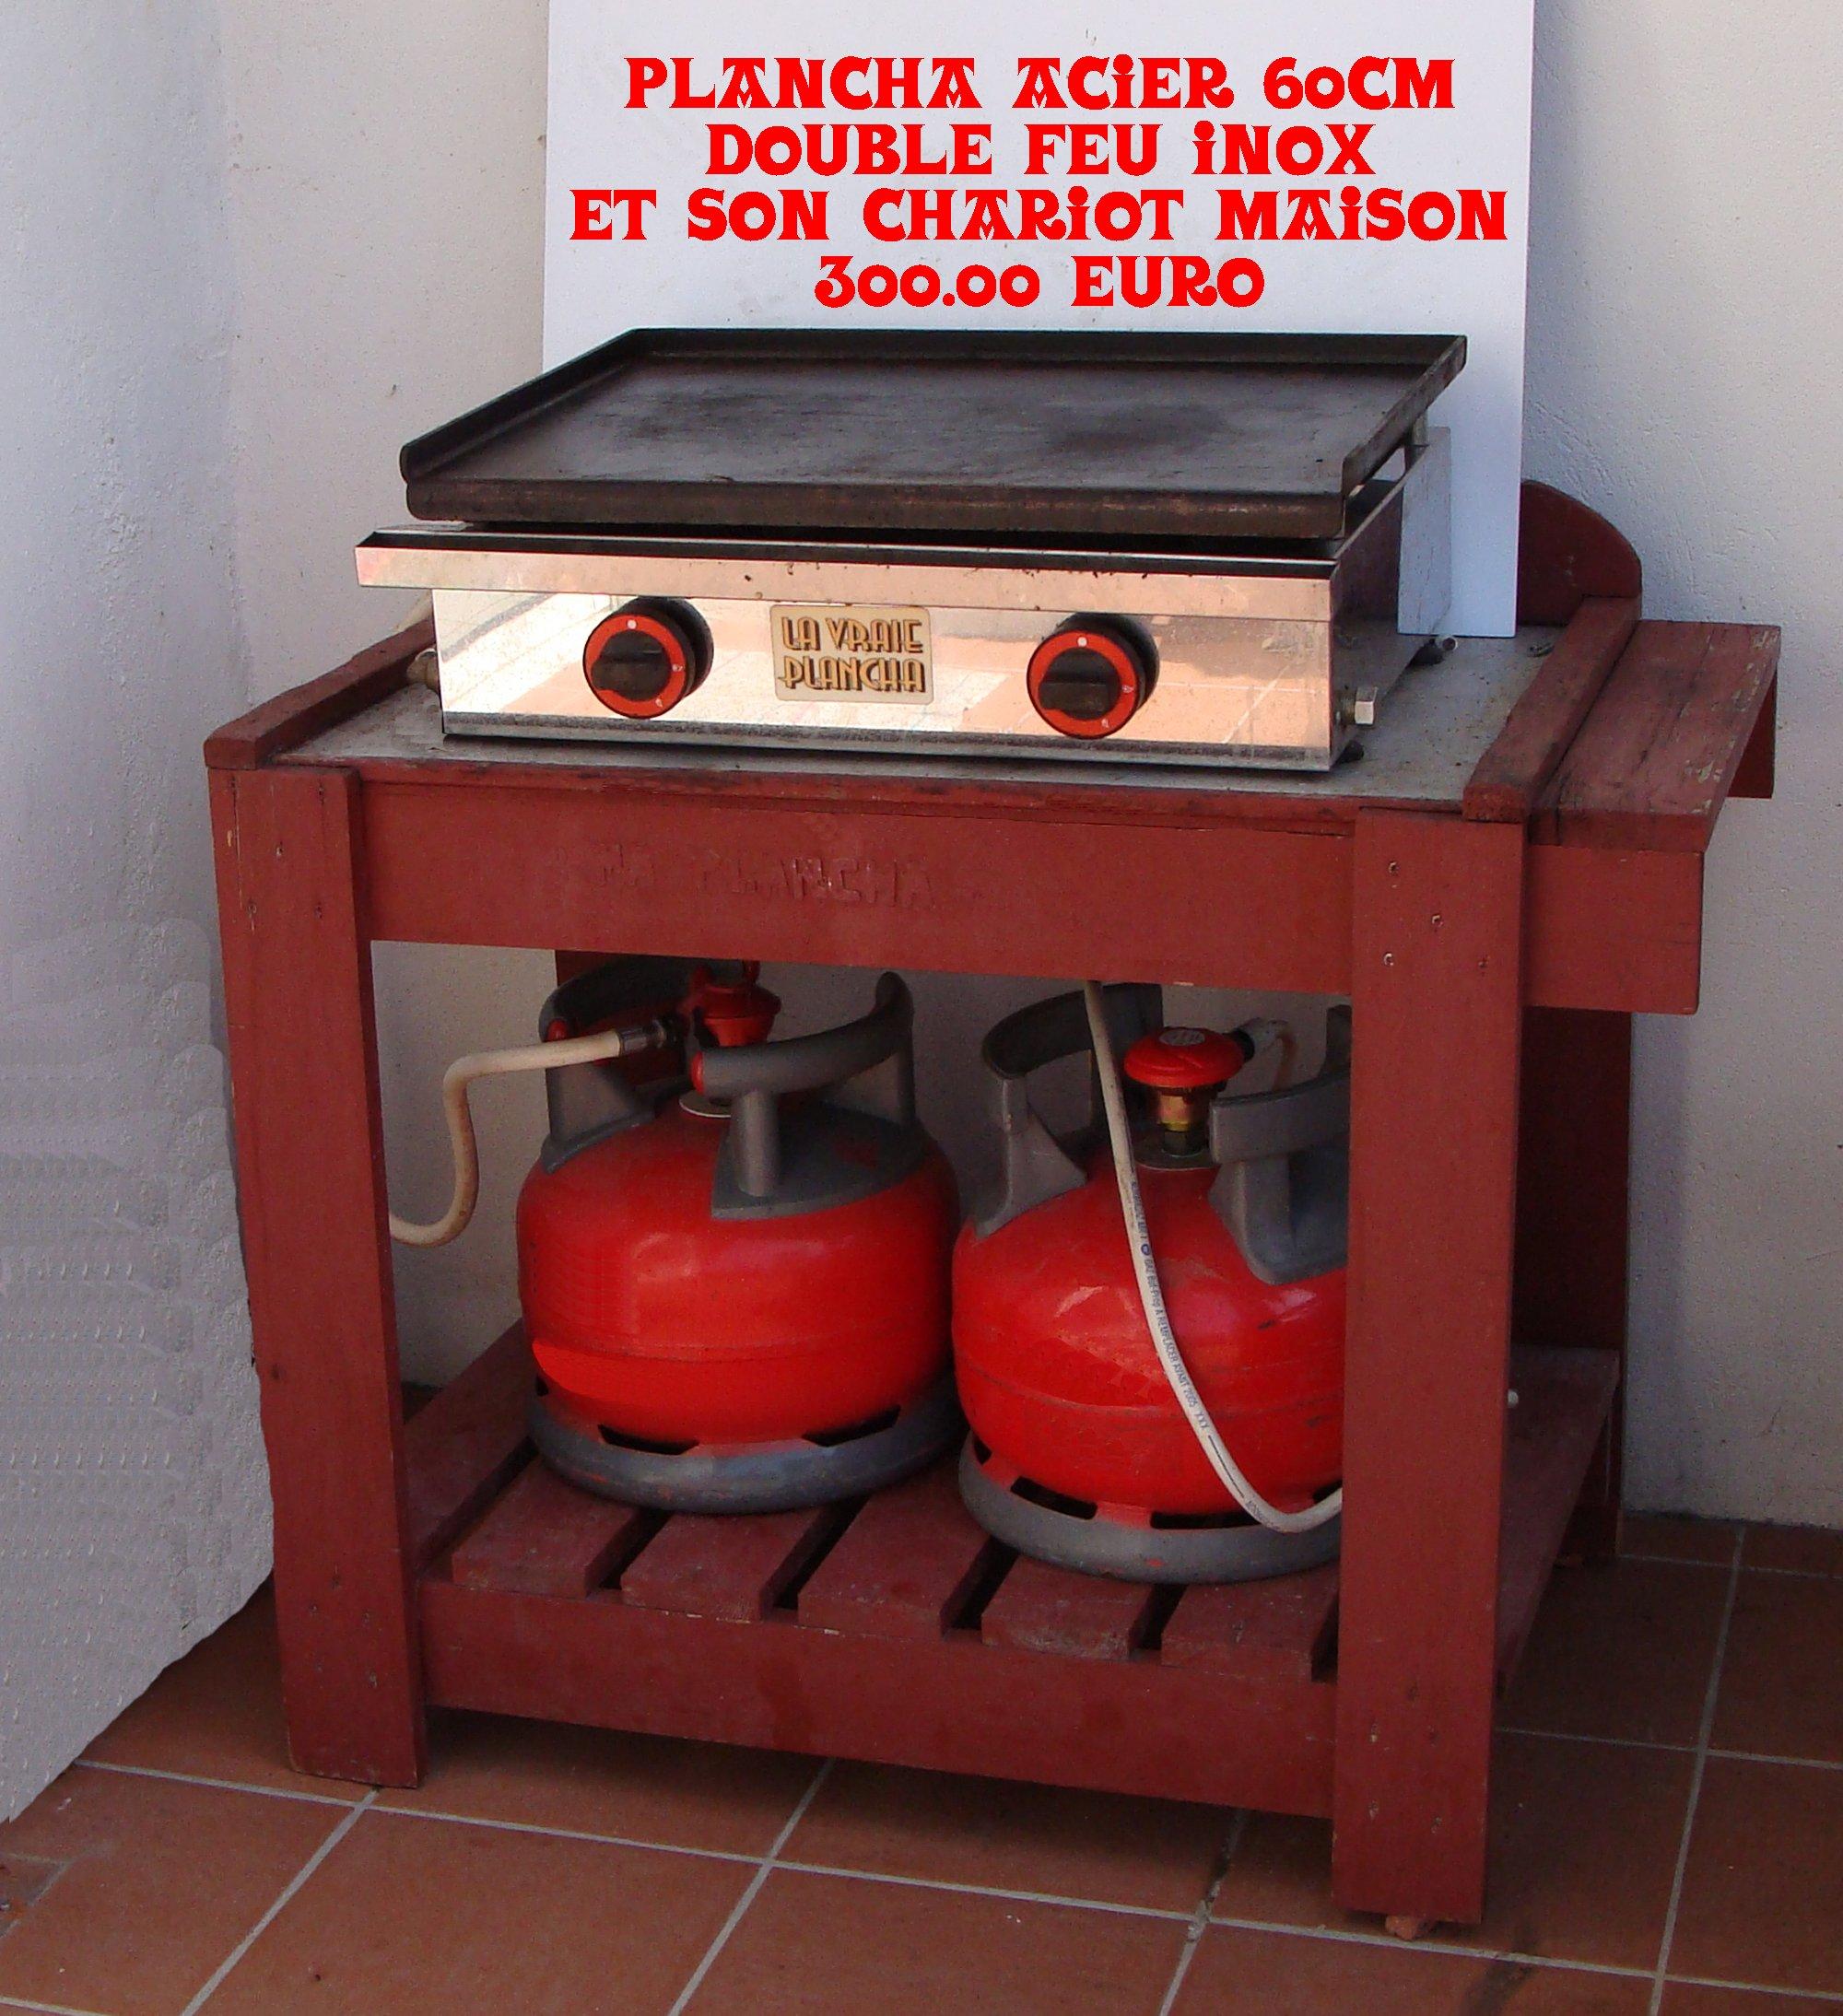 Vendre plancha acier 60cmx40cm avec chariot vente objet vide grenier destockage promo - Bouteille de gaz pour plancha ...